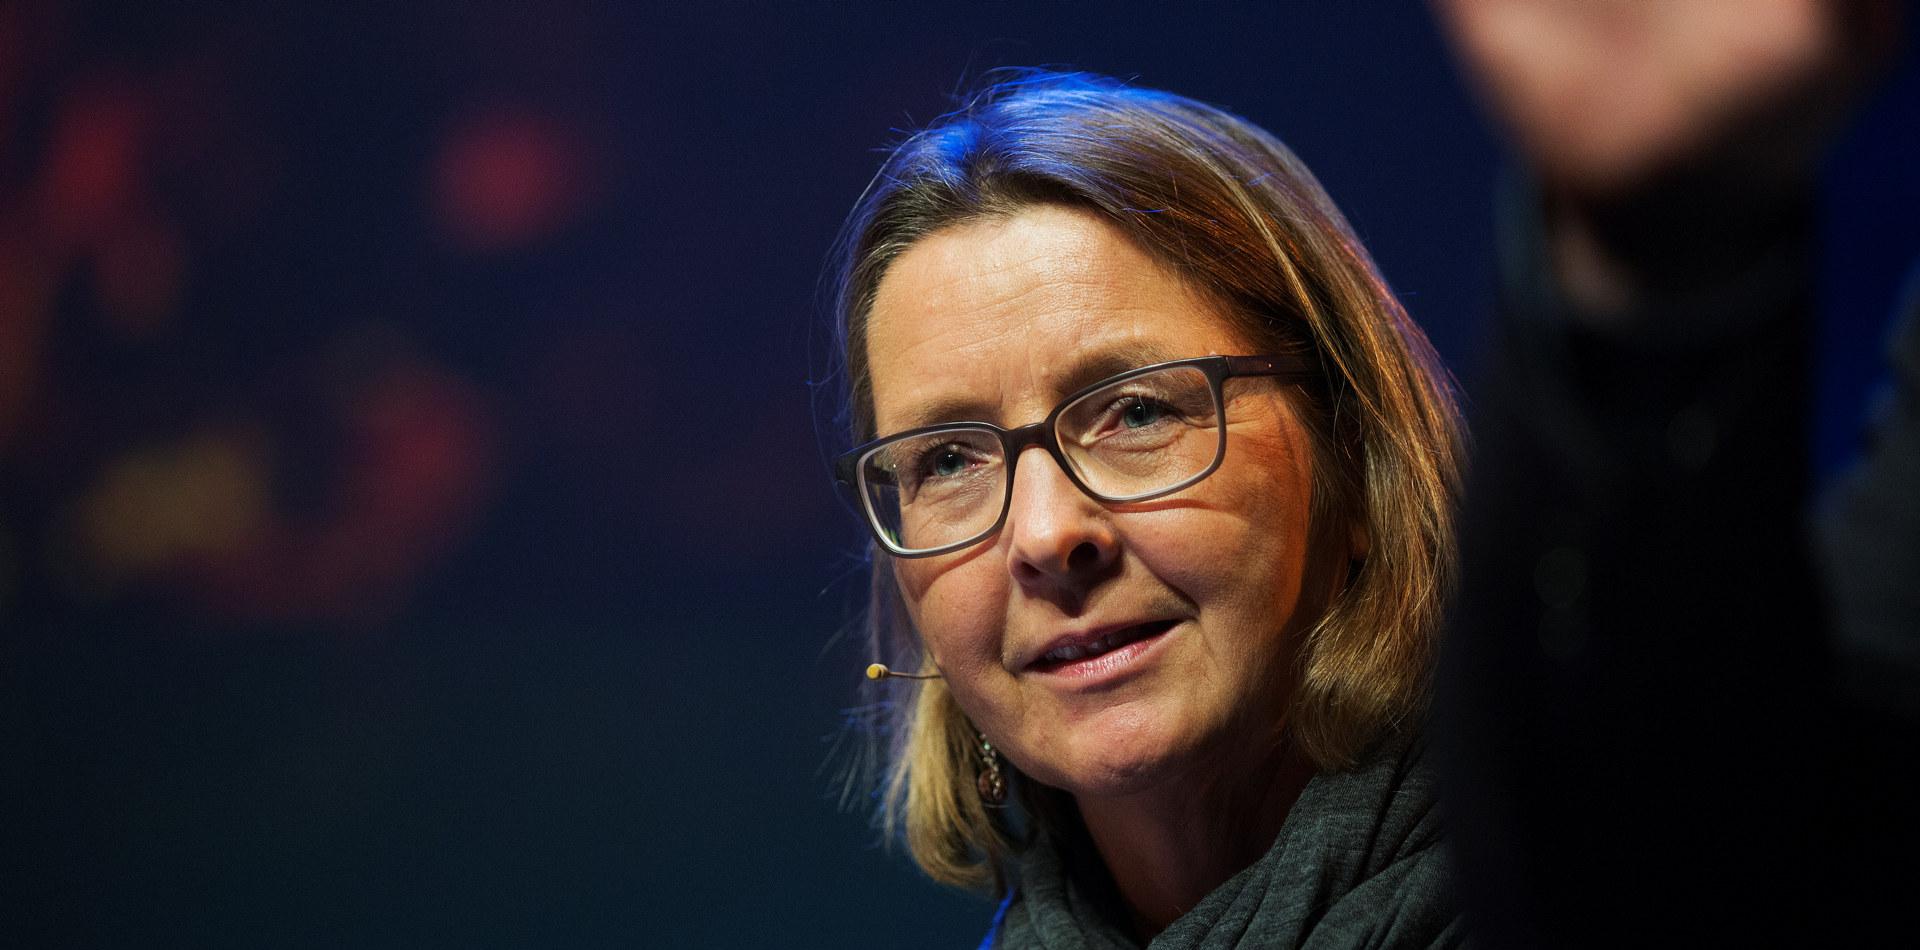 Kjersti Kviseth, prosjektleder, 2025Design. Foto: Nadia Frantsen / DOGA